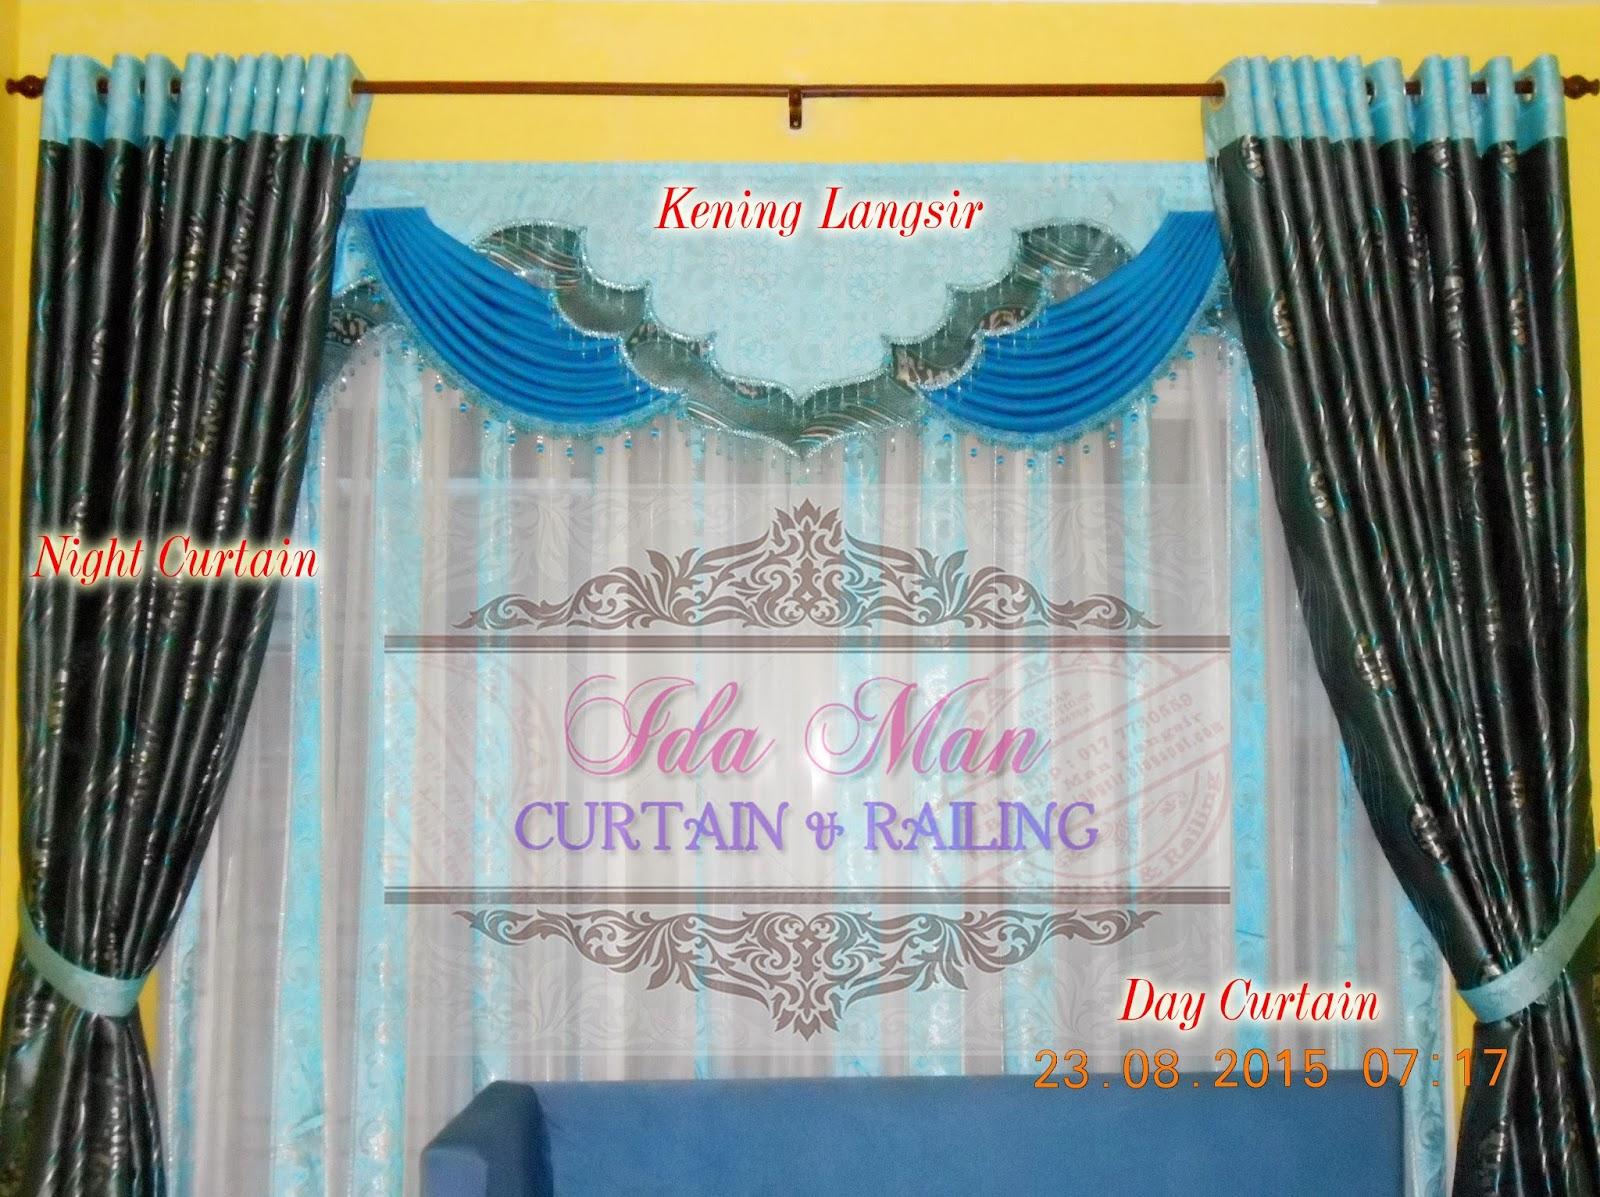 IdaMan Curtain n Railing: Tempah Langsir dan Railing : Johor Bahru